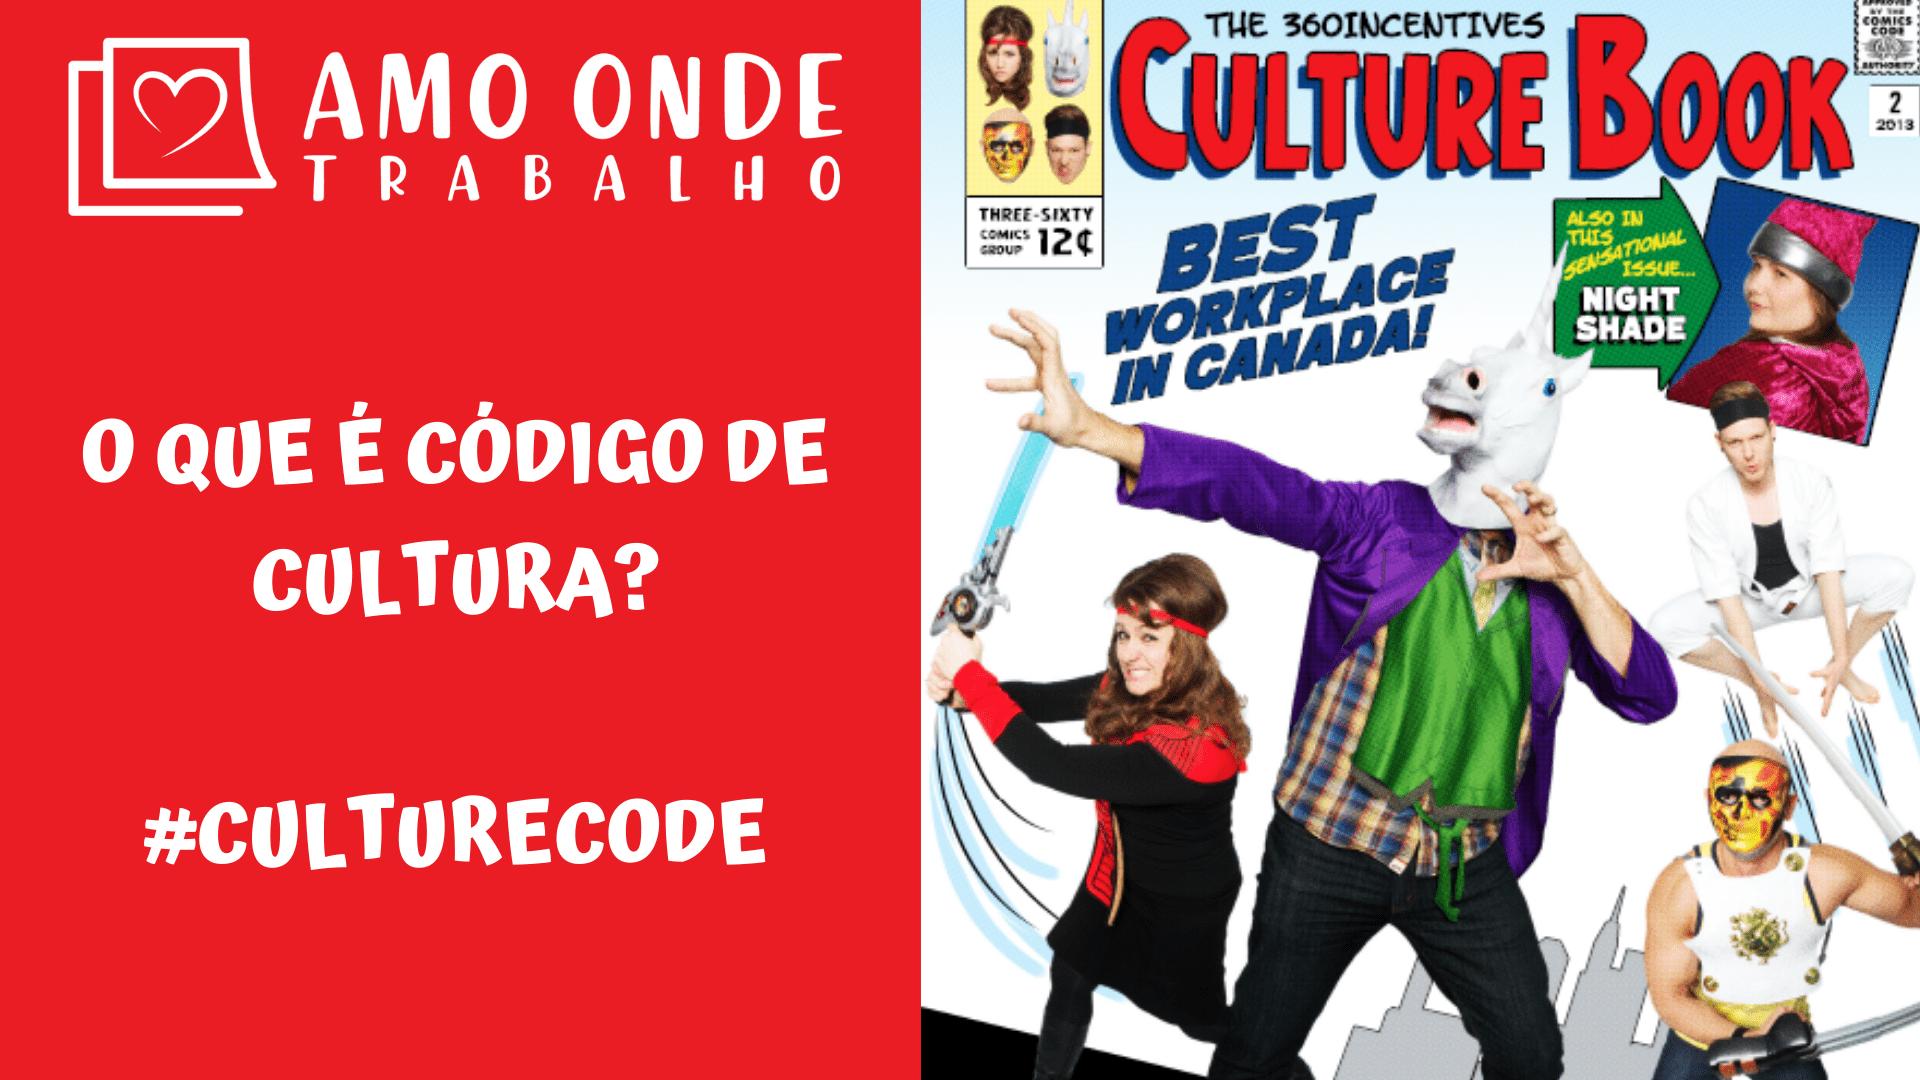 Capa - O que é código de cultura